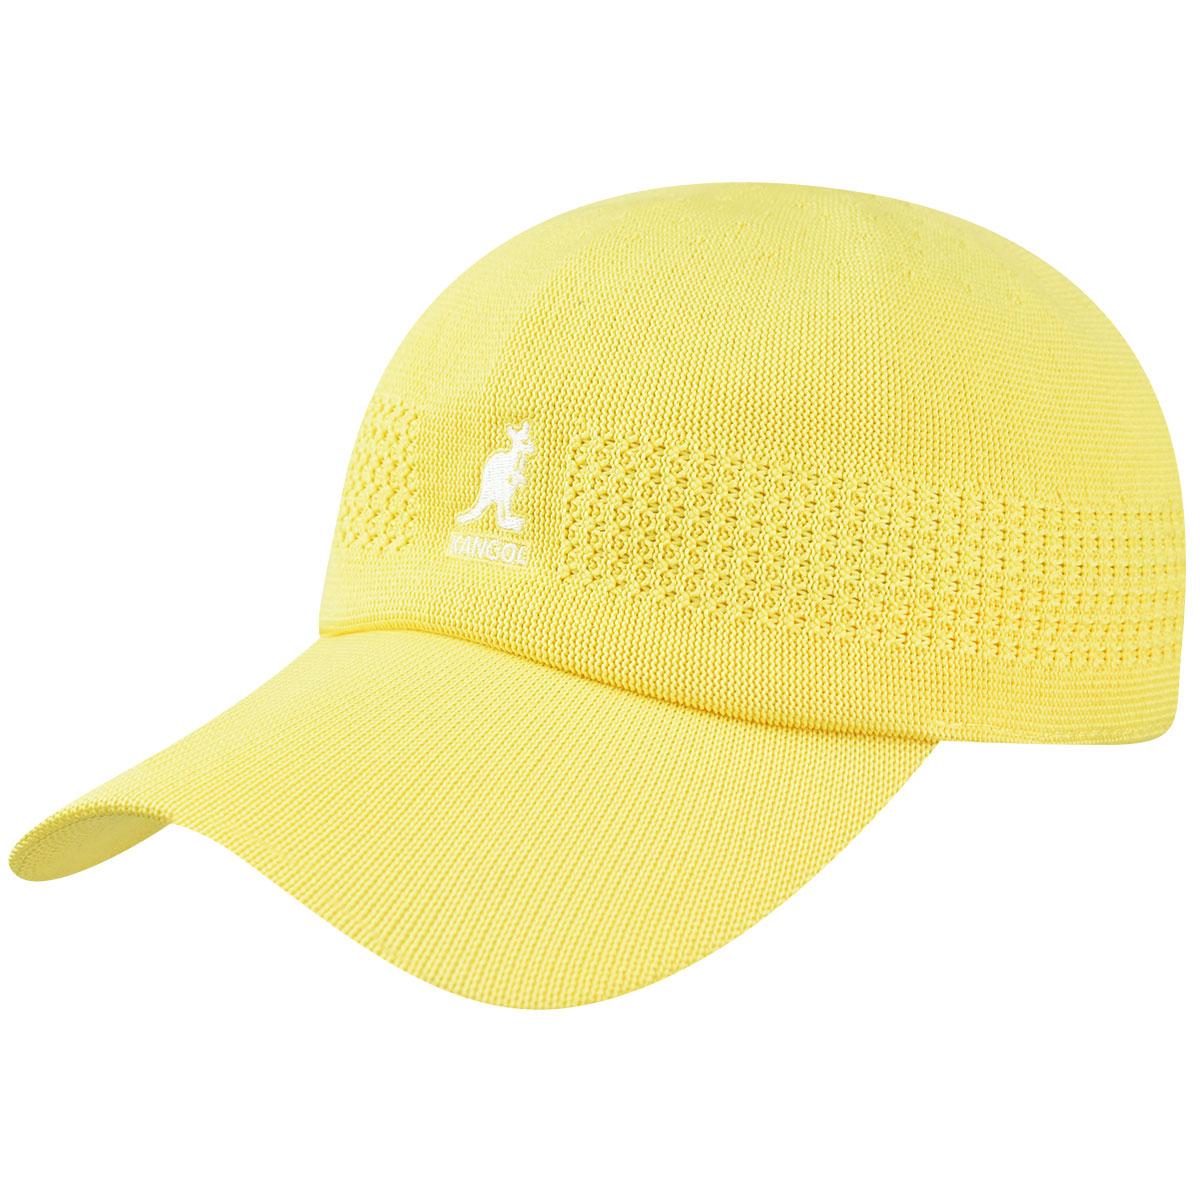 Tropic Ventair Spacecap - Lemon Sorbet/S